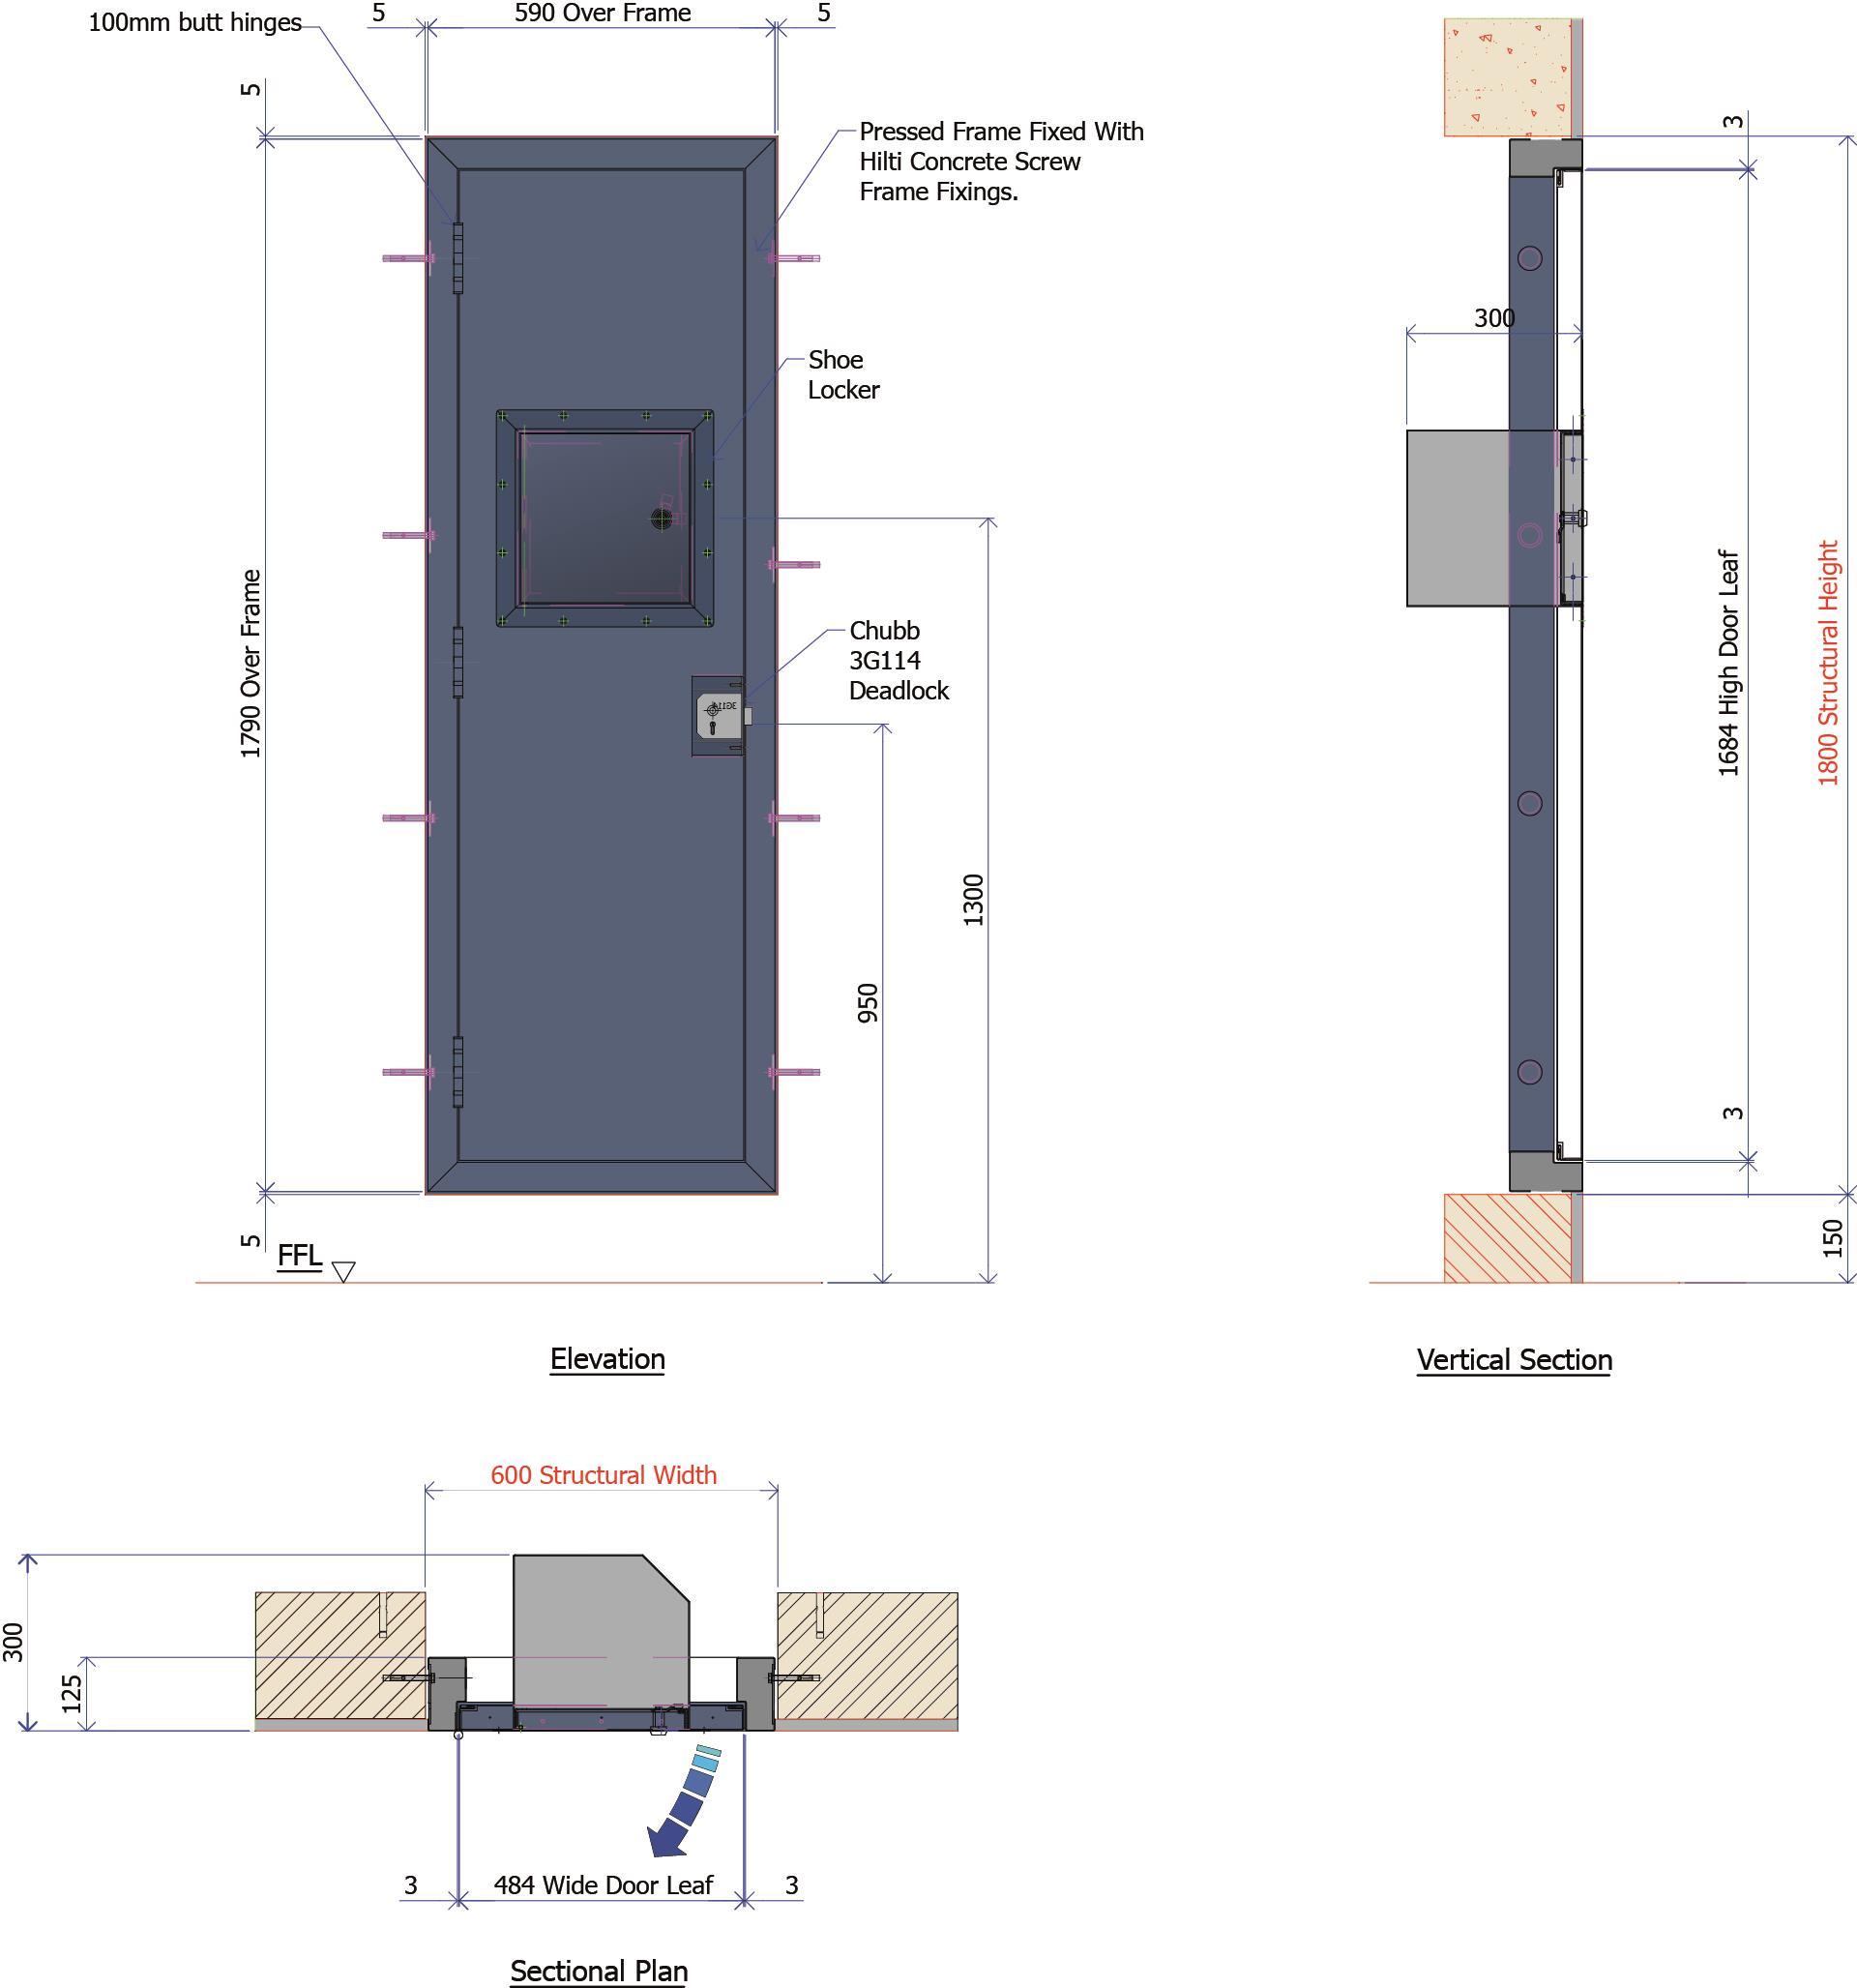 9D026C - Steel Service Duct Door with Integral Shoe Locker